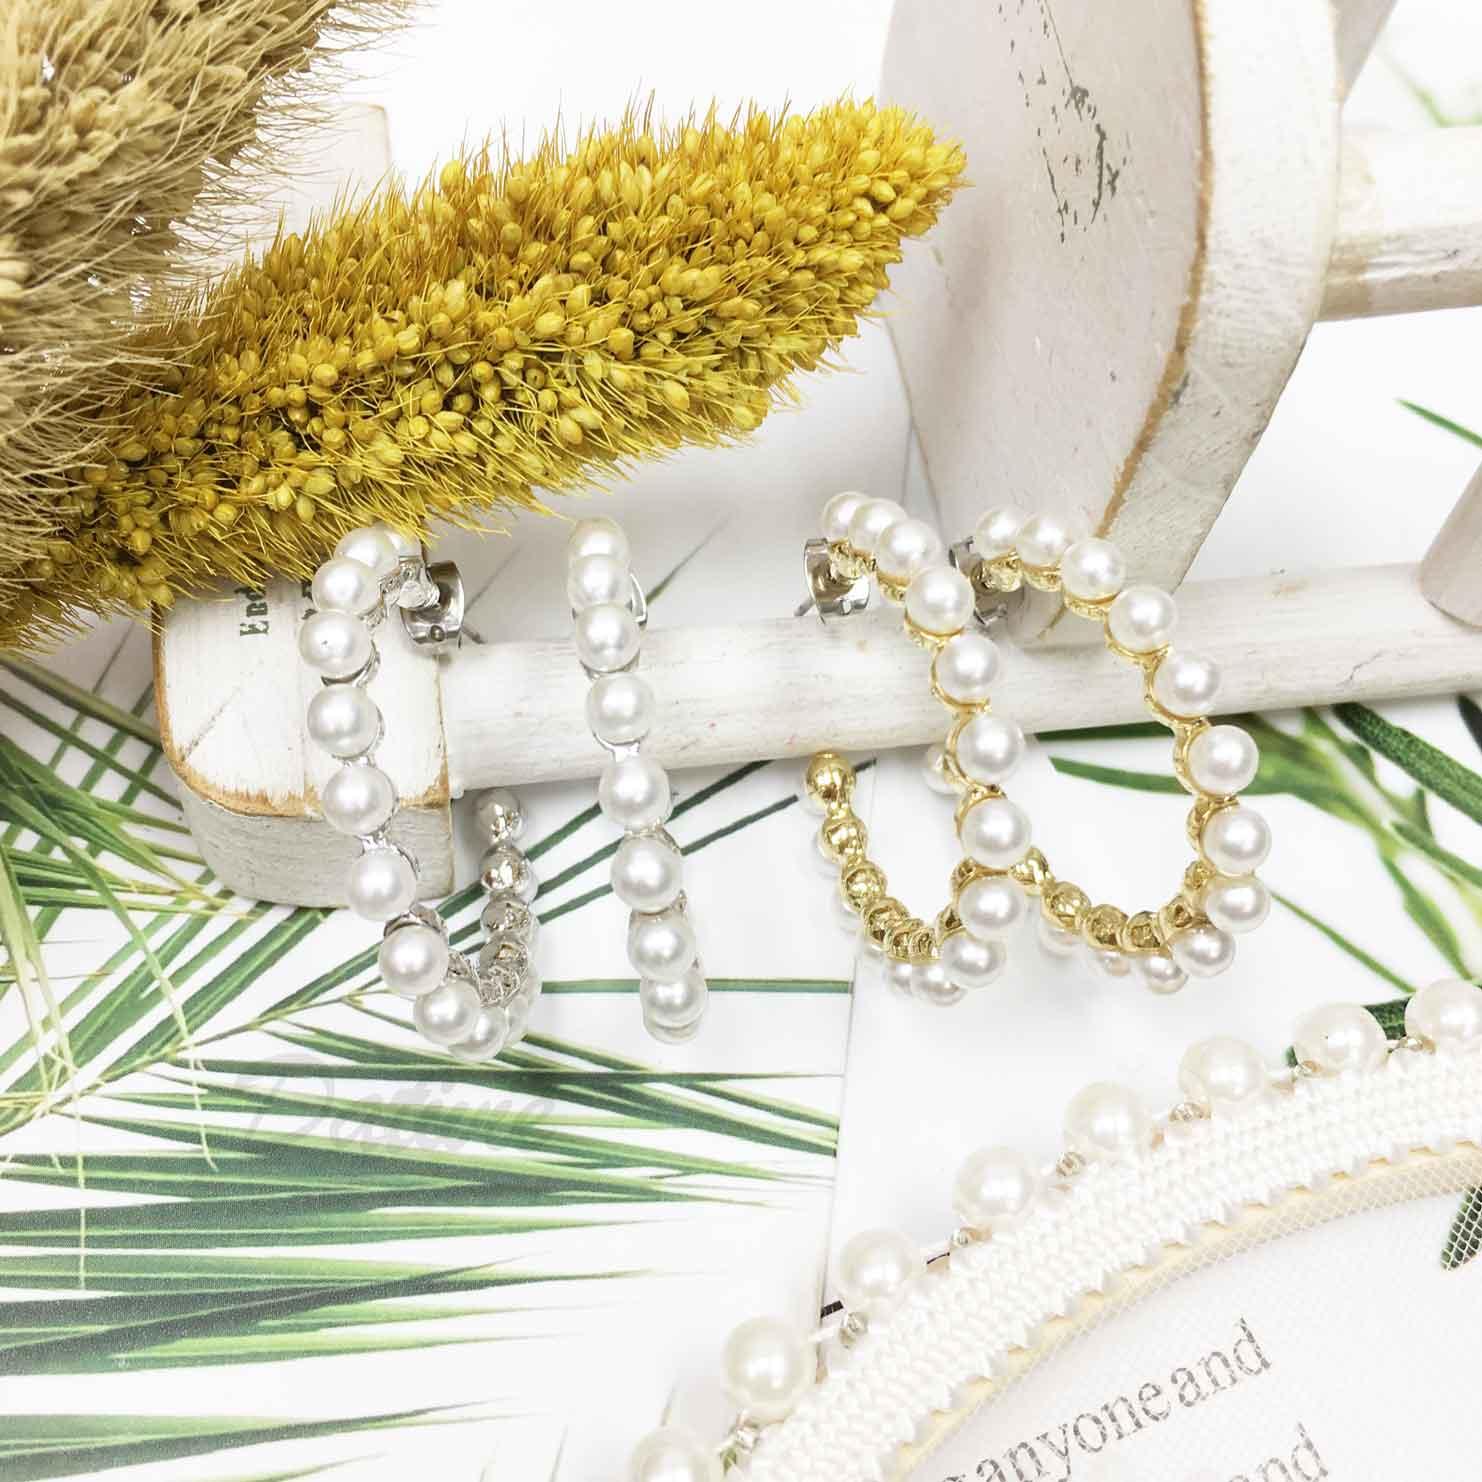 珍珠 半圓圈造型 開口 氣質款 2色 精緻耳針式耳環